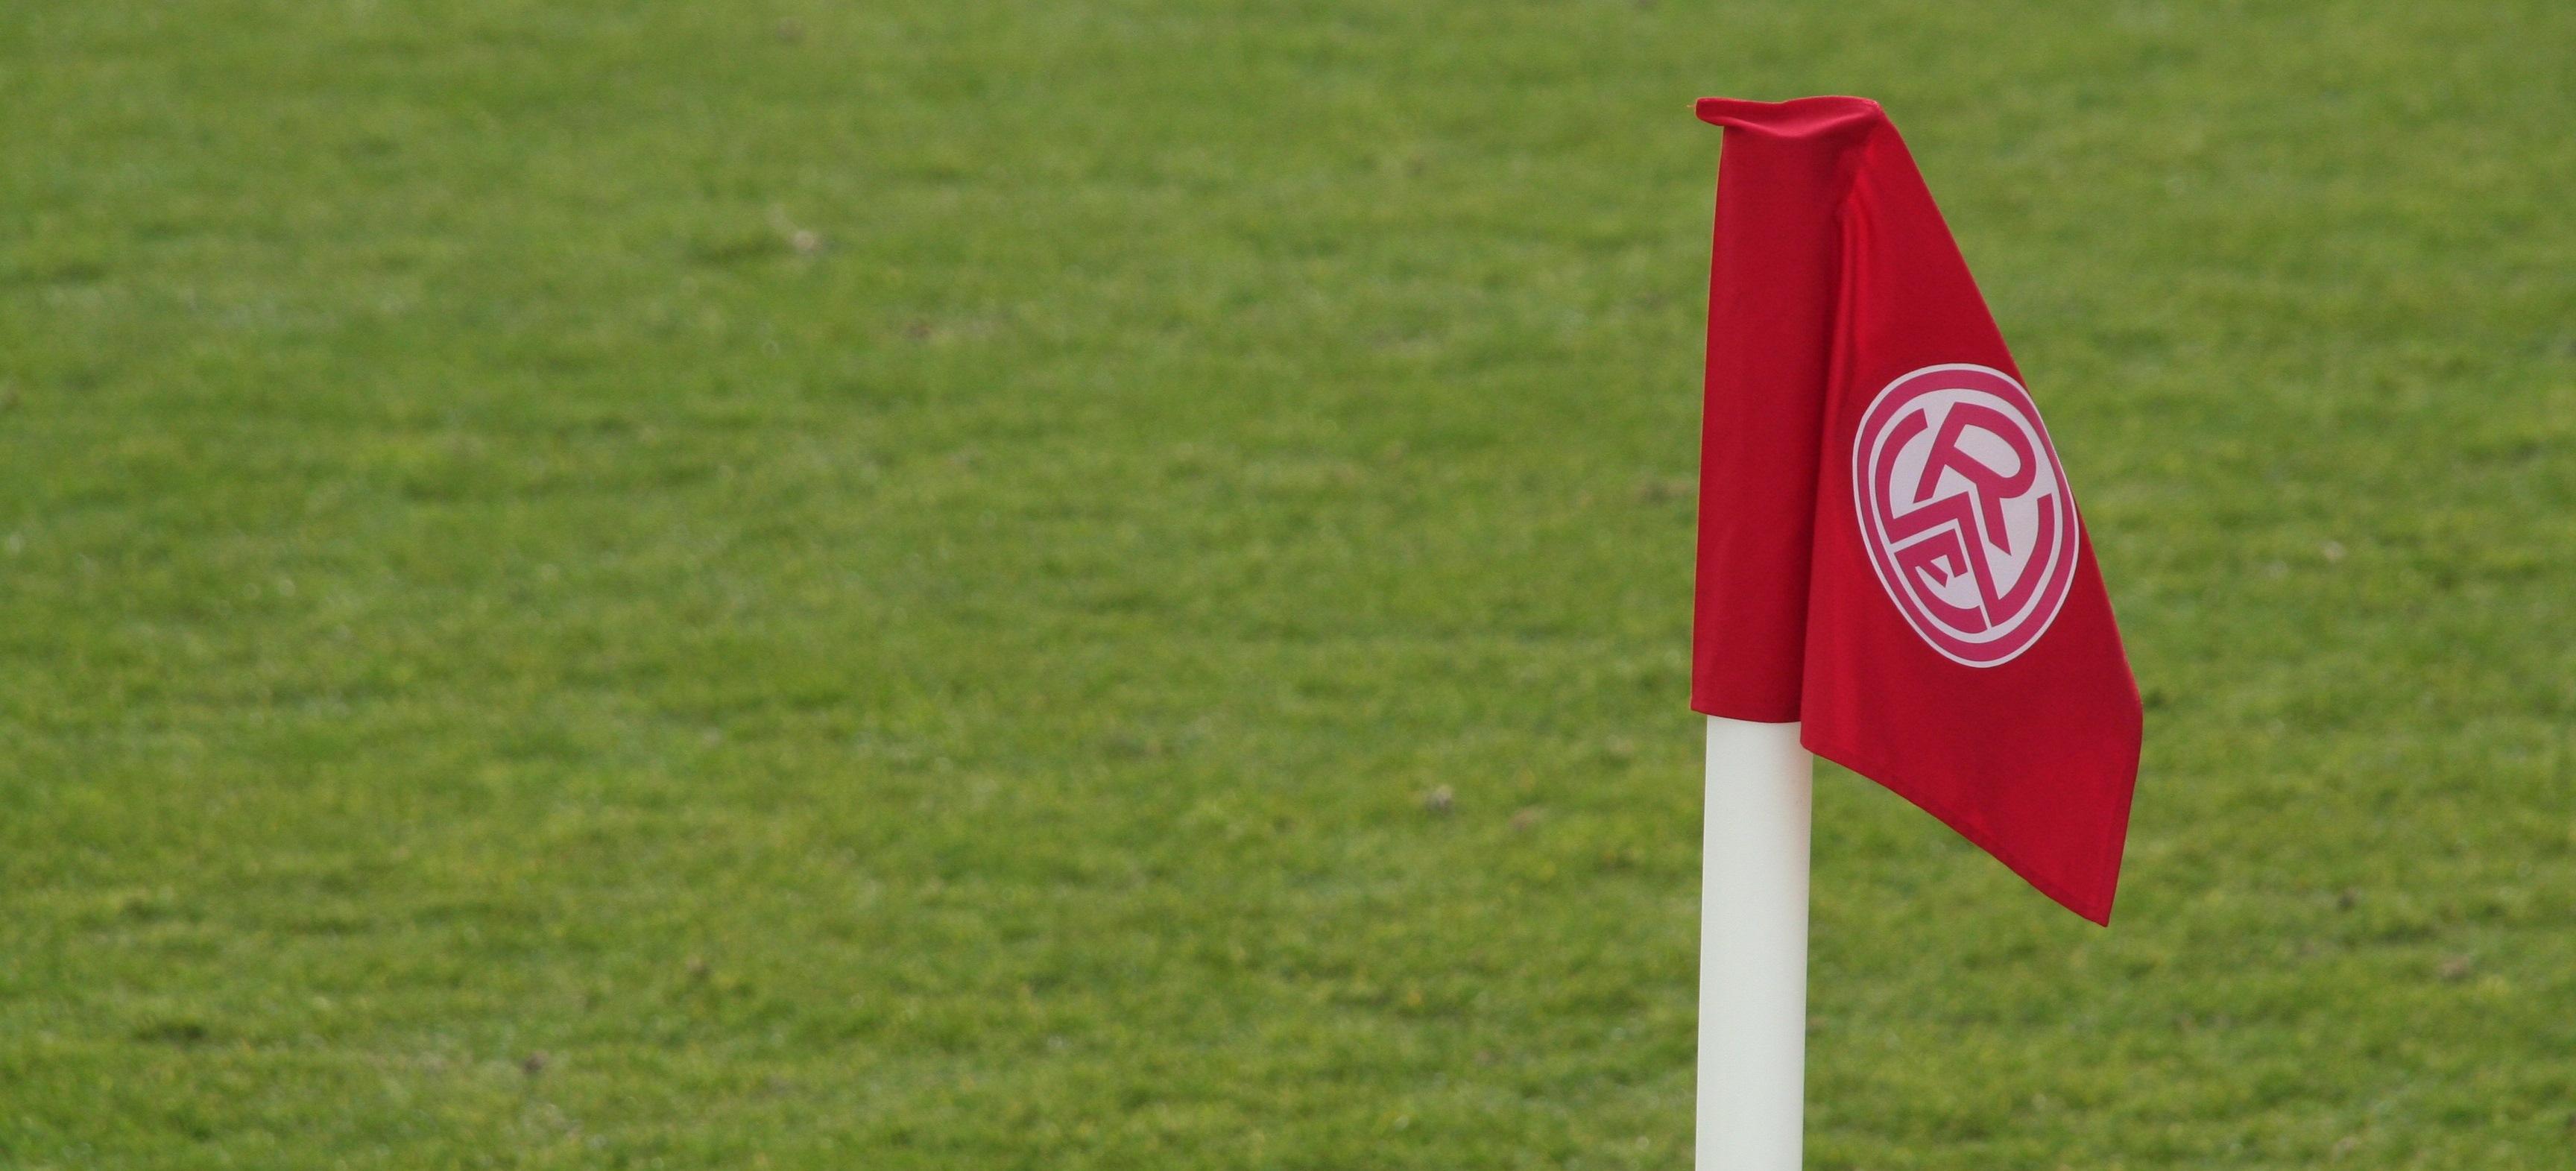 Das für Sonntag angesetzte Spiel beim Wuppertaler SV kann nicht stattfinden.